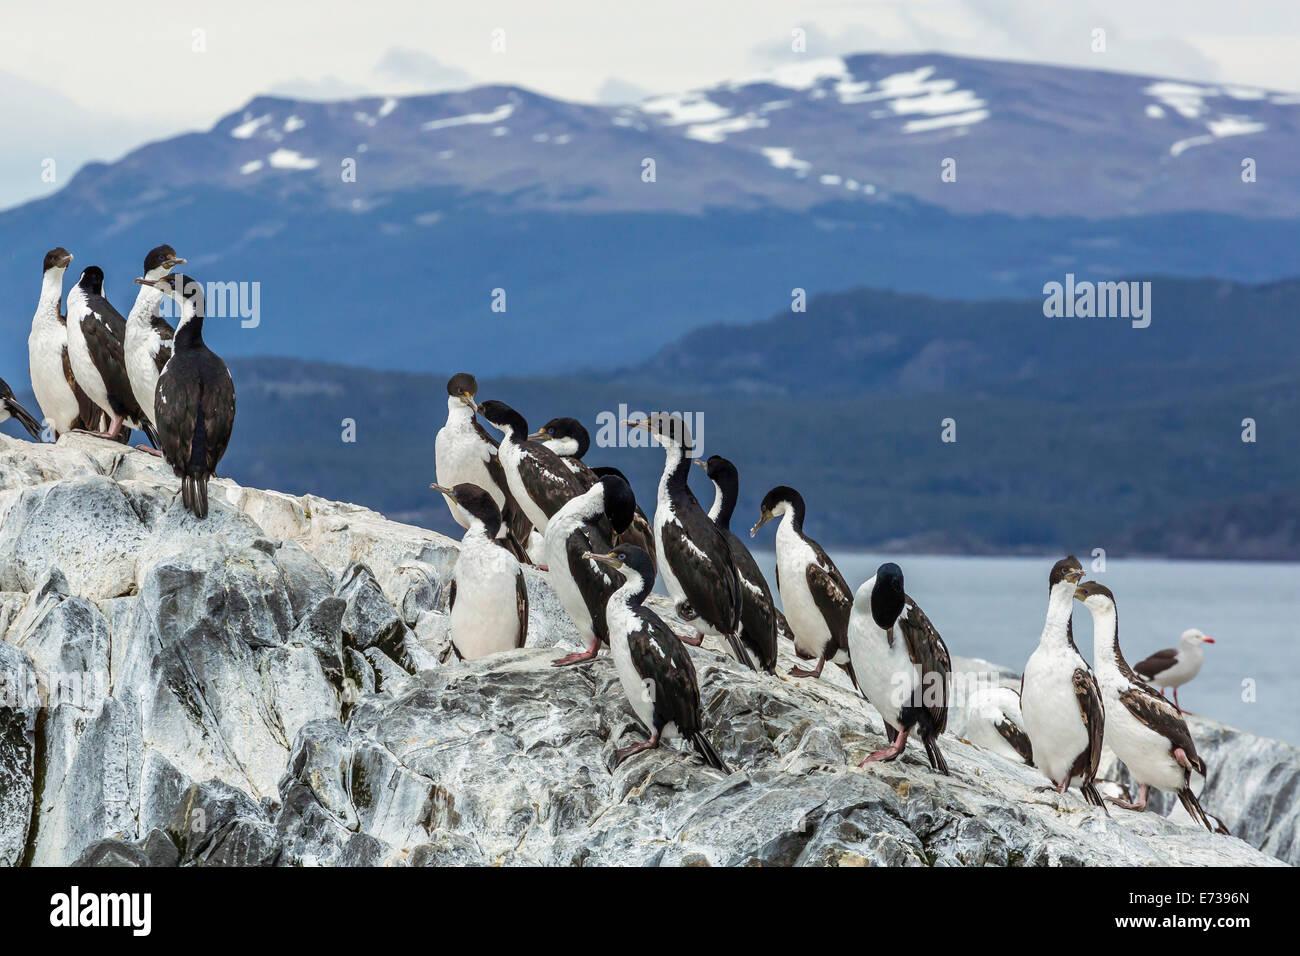 Adultos cormoranes imperiales (Phalacrocorax atriceps) en la colonia de cría de pequeños islotes, justo Imagen De Stock